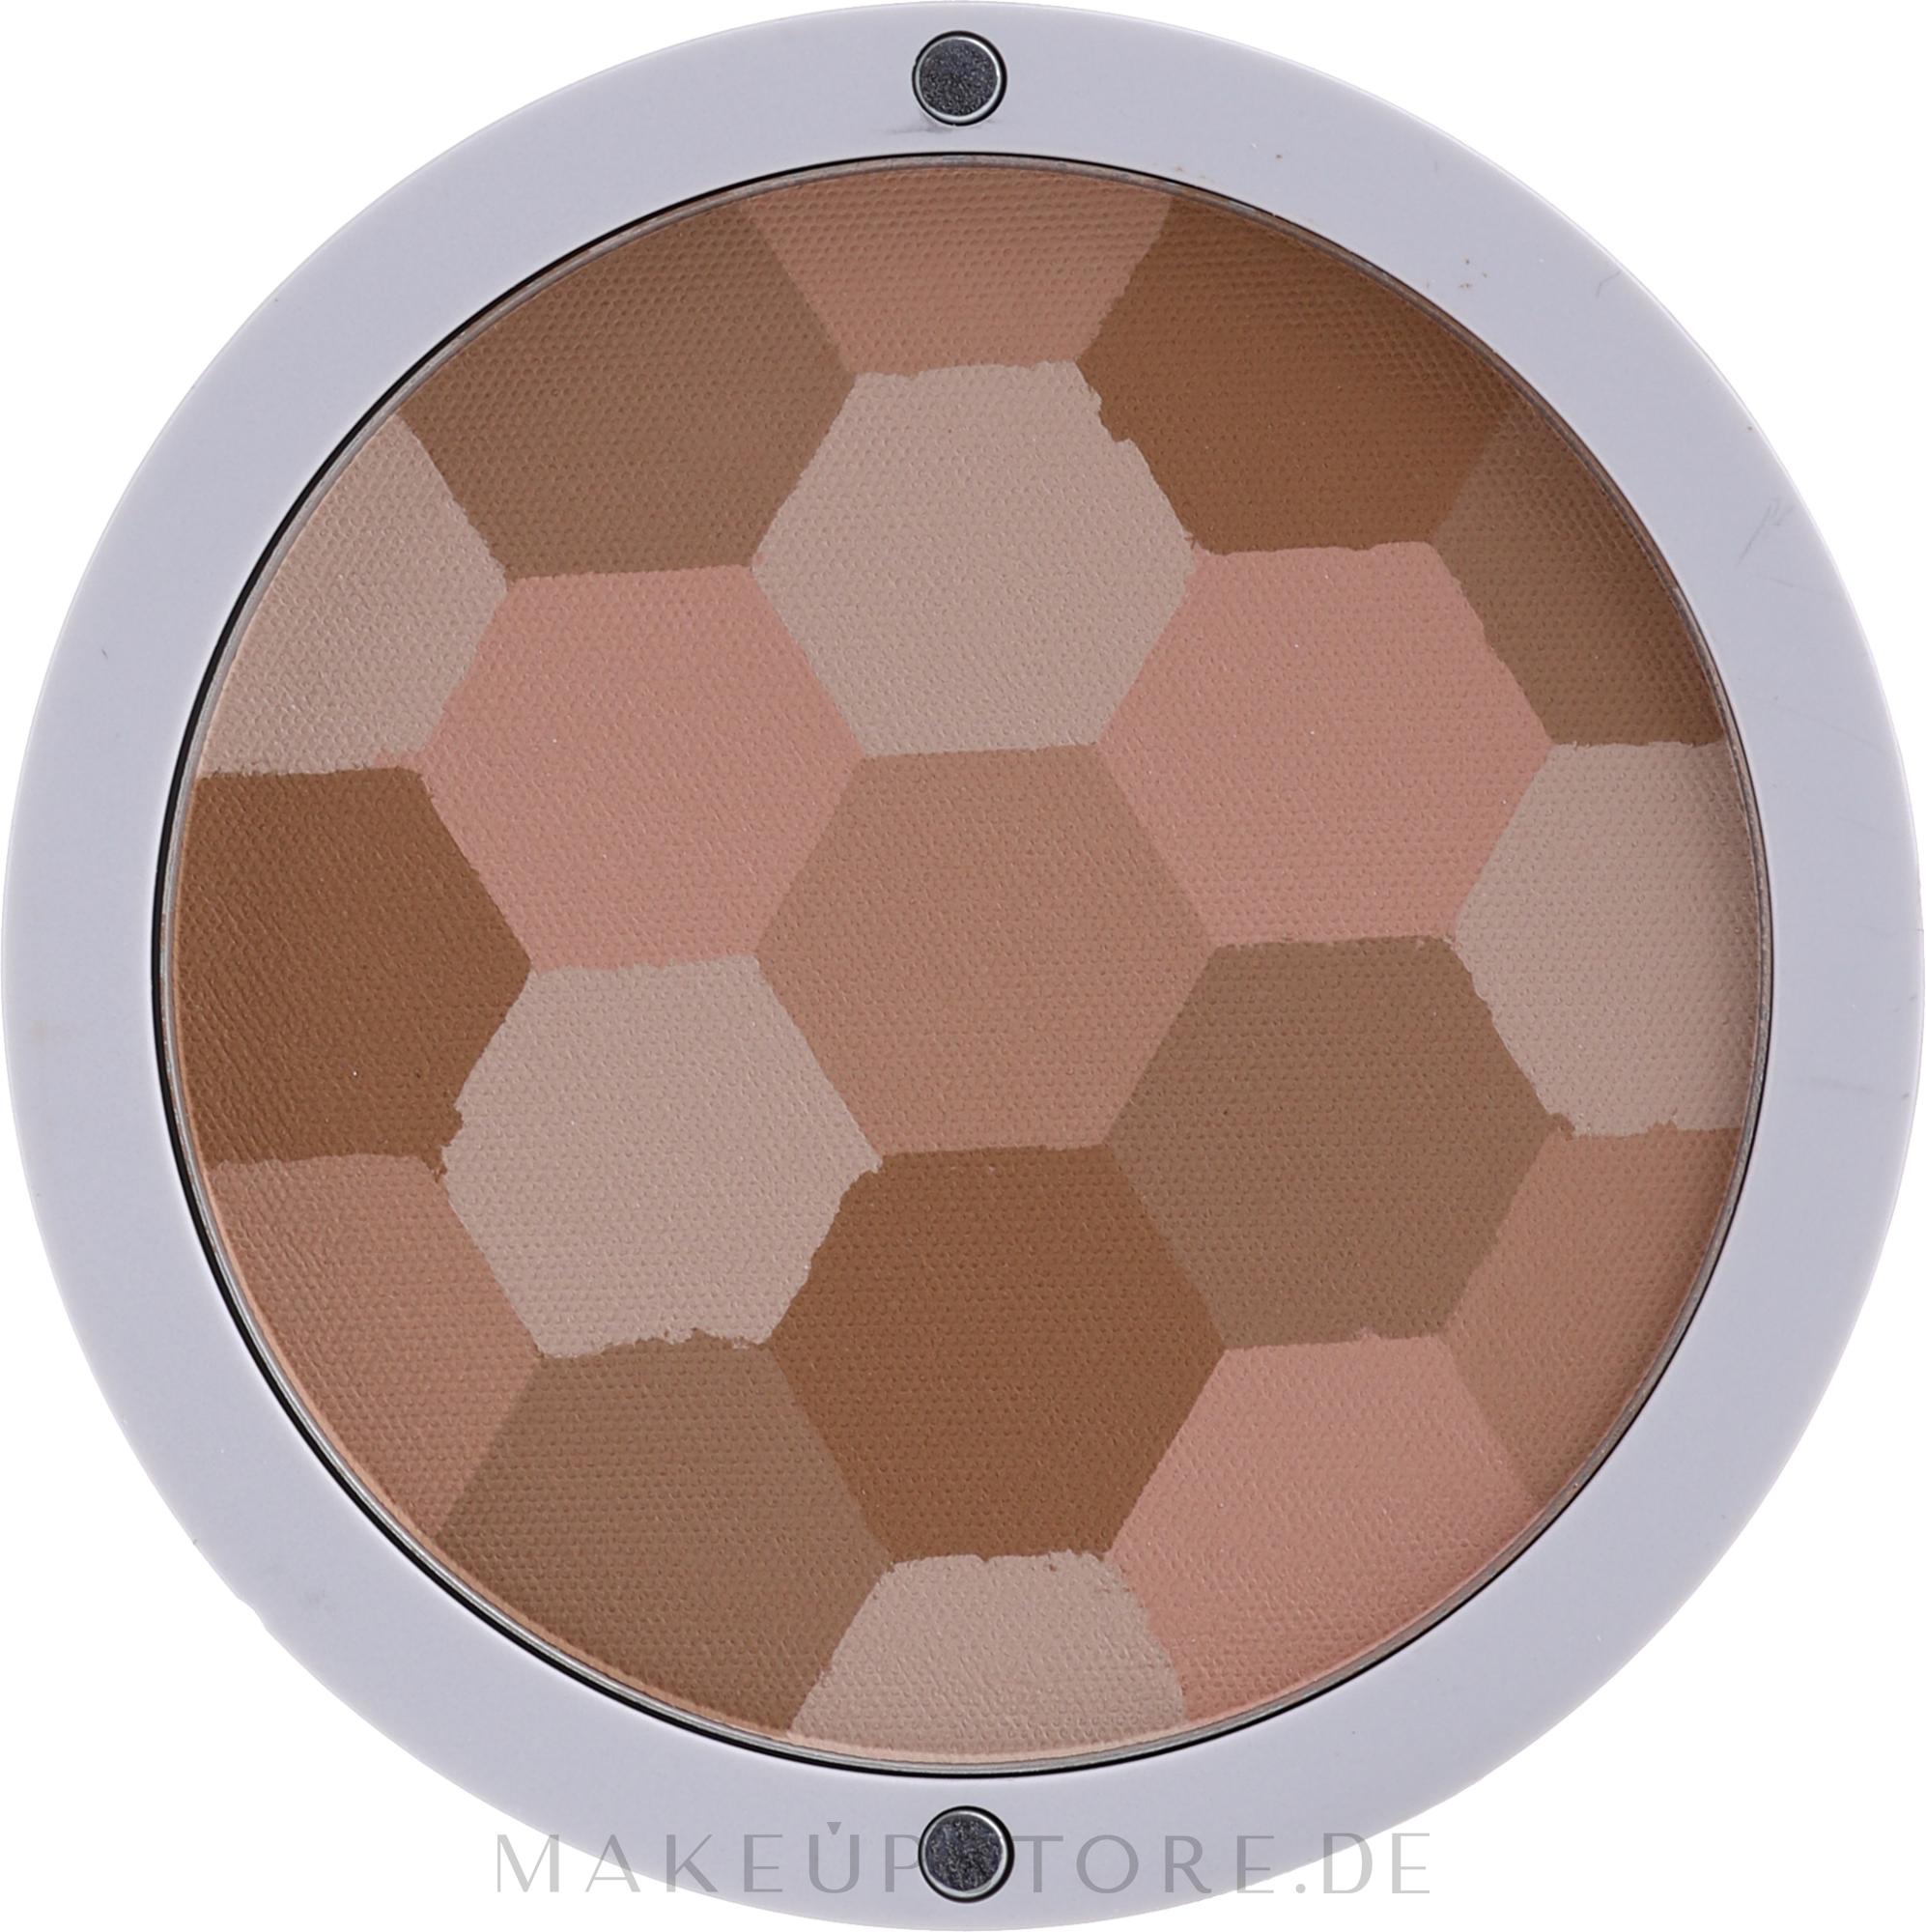 Mosaik-Puder - Couleur Caramel Mosaic Powder — Bild 232